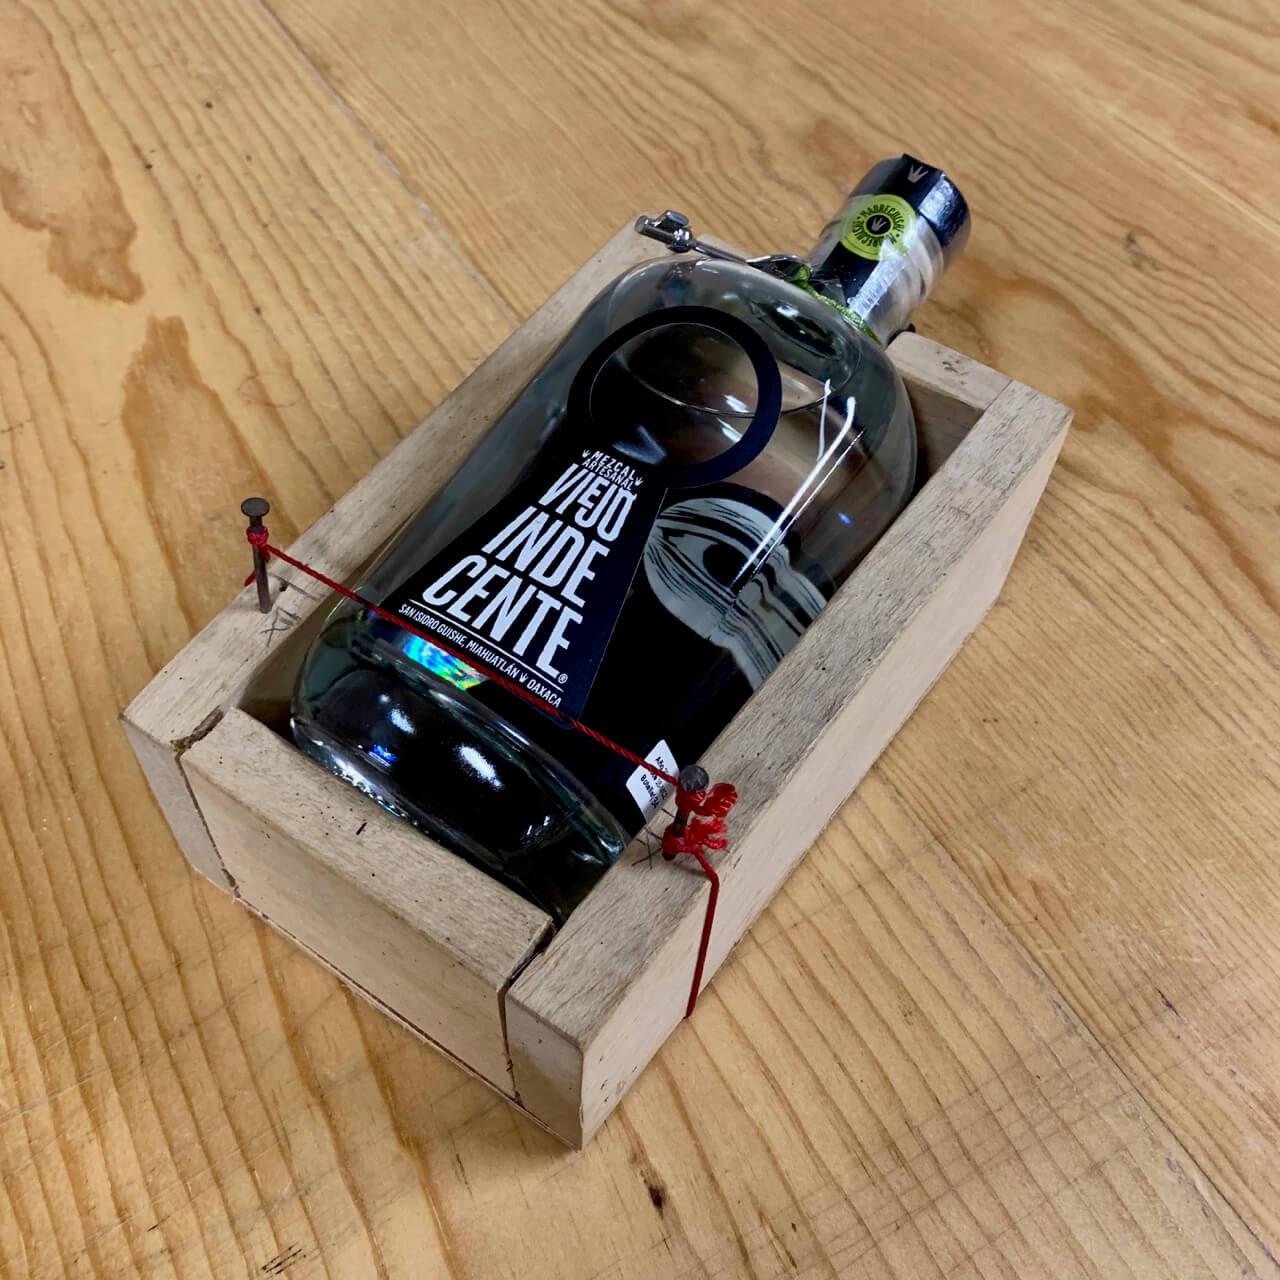 Viejo Indecente bottle label holder